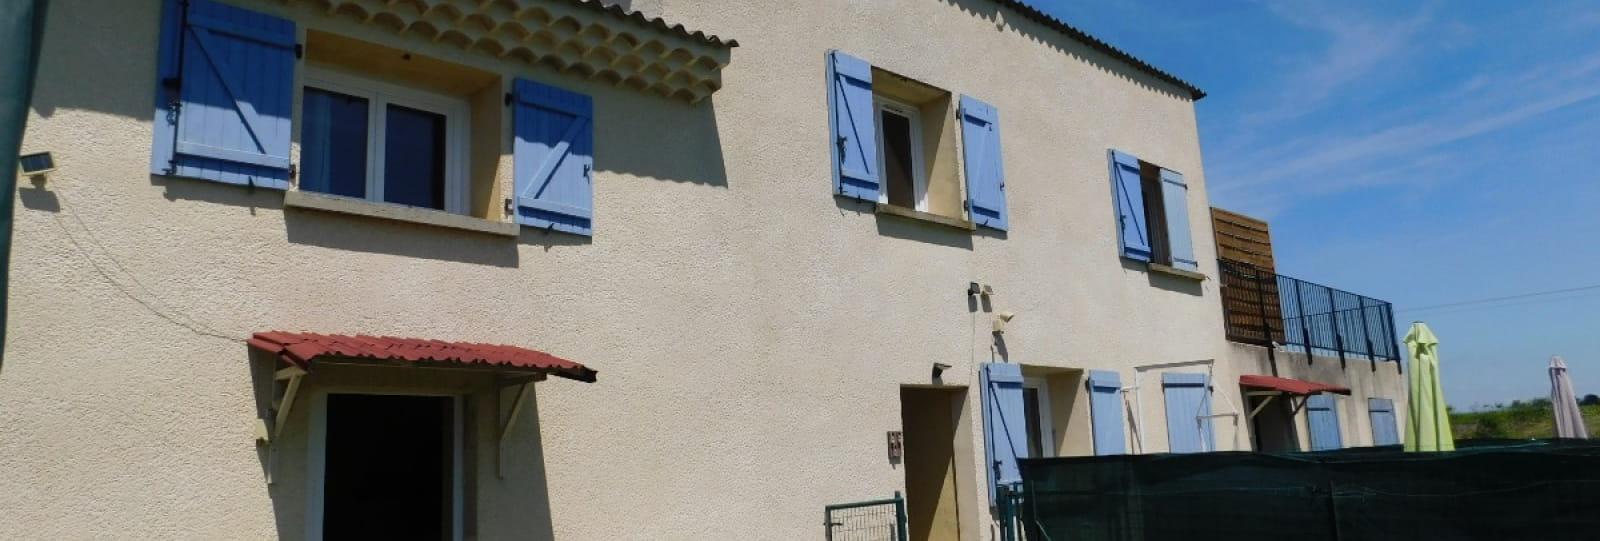 Maison Tifaloc - Gîte du Couchant